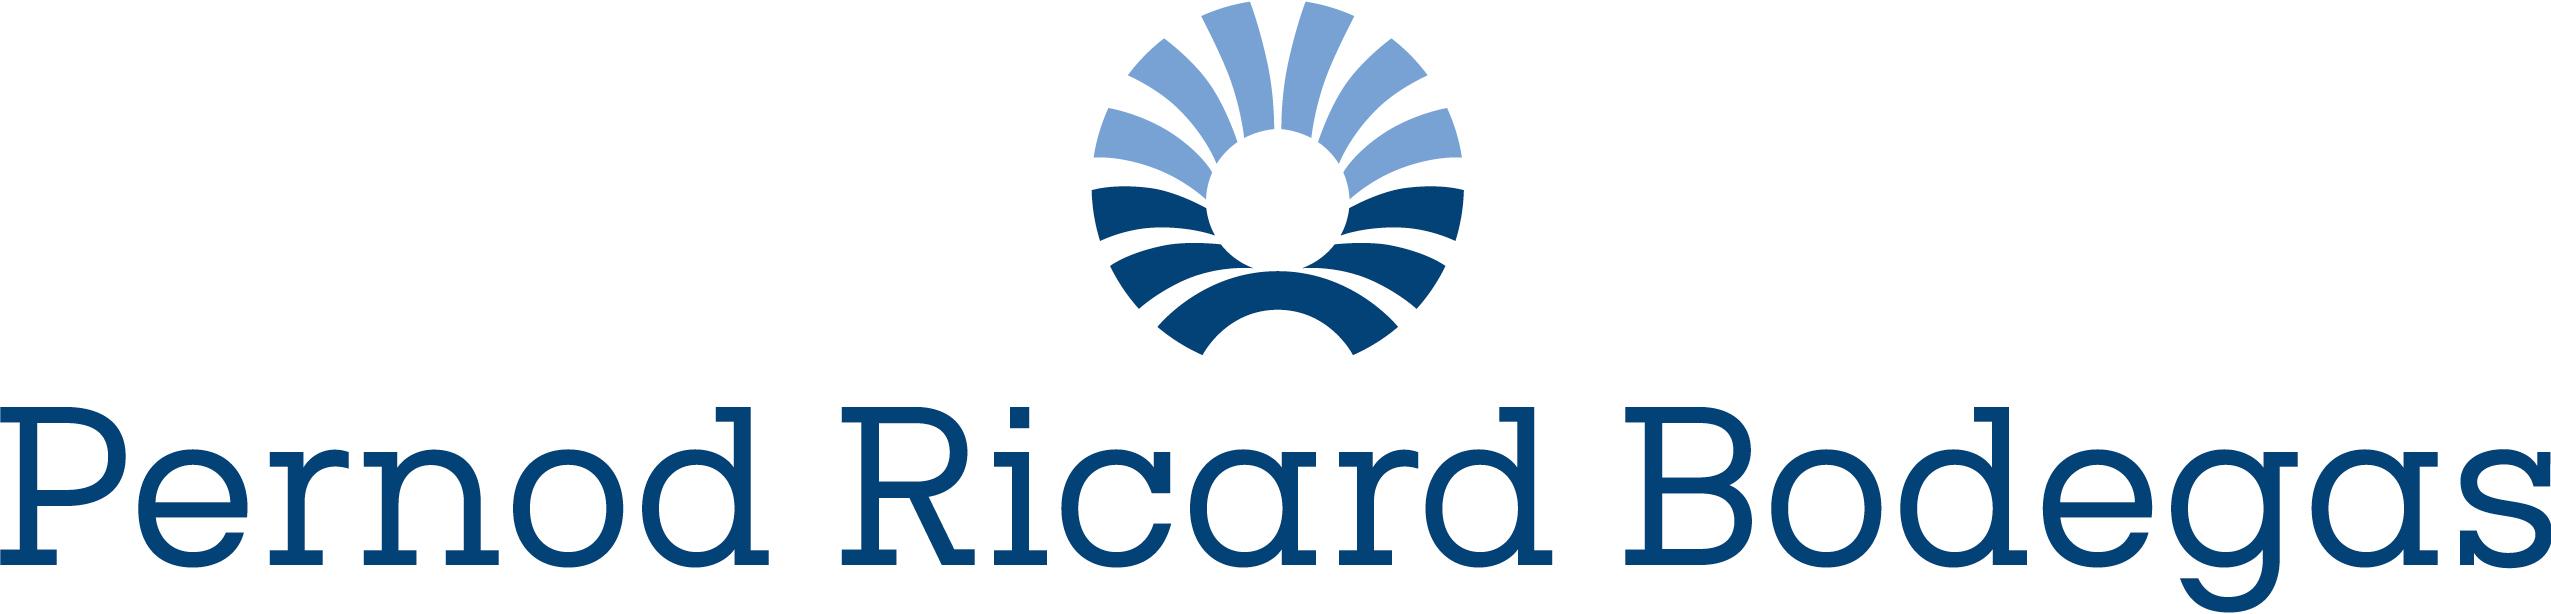 Pernod Ricard Bodegas